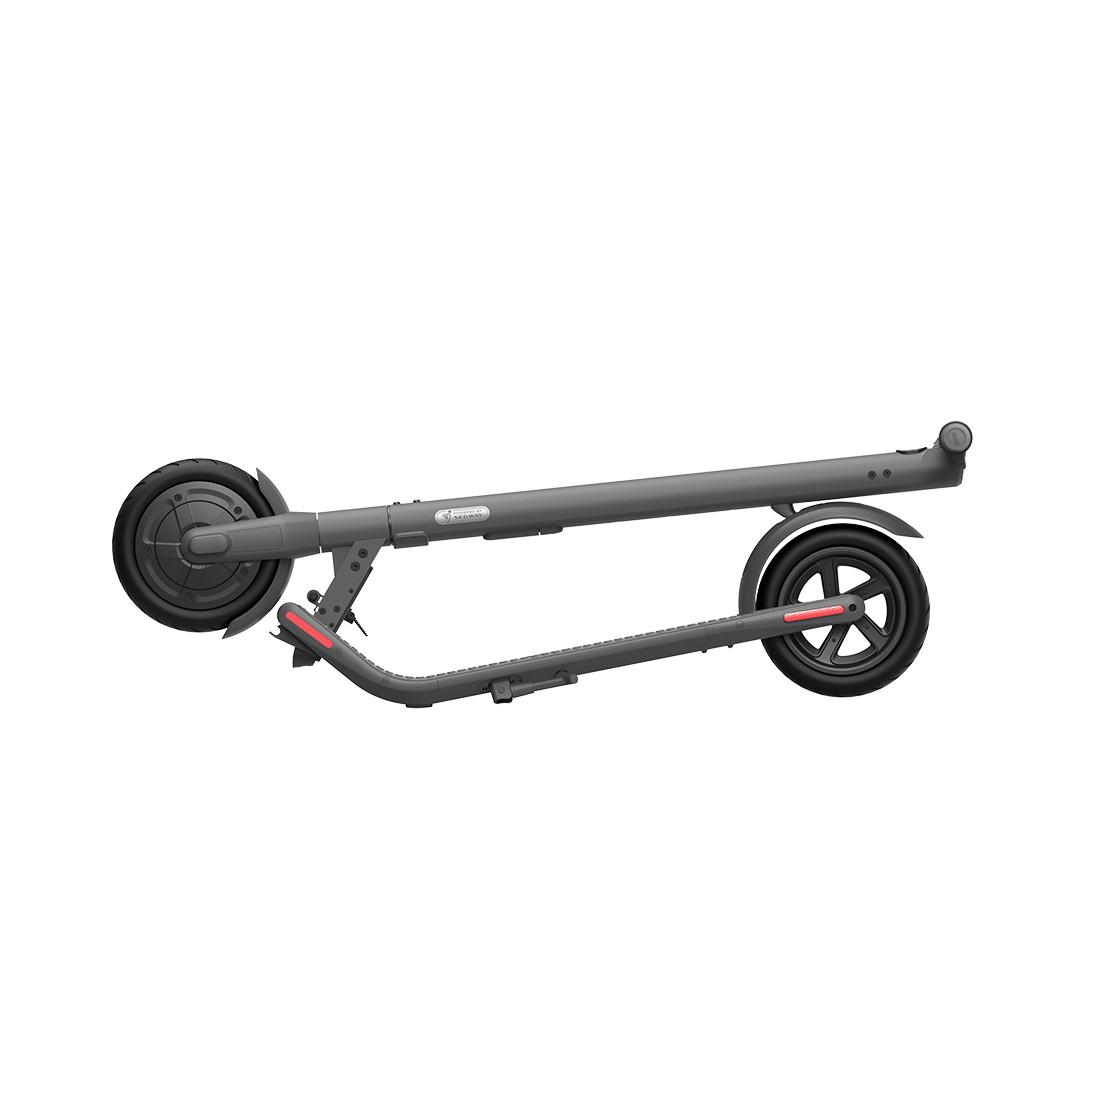 Электросамокат Ninebot KickScooter E22 (Gray) - фото 3